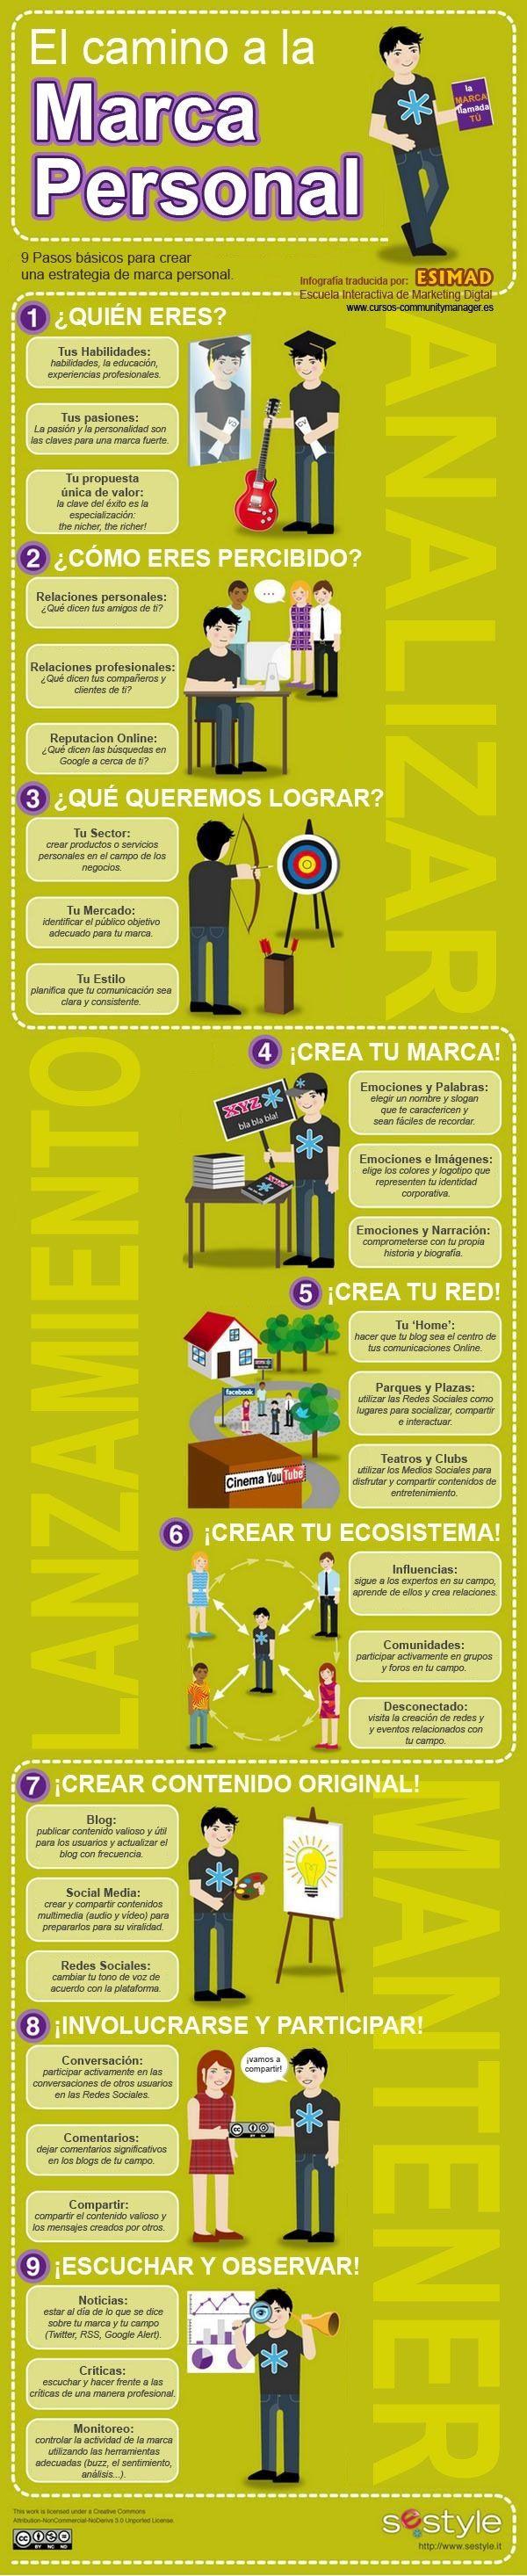 Os comparto infografía con detalle de nueve pasos fundamentales para crear una estrategia de marca personal.